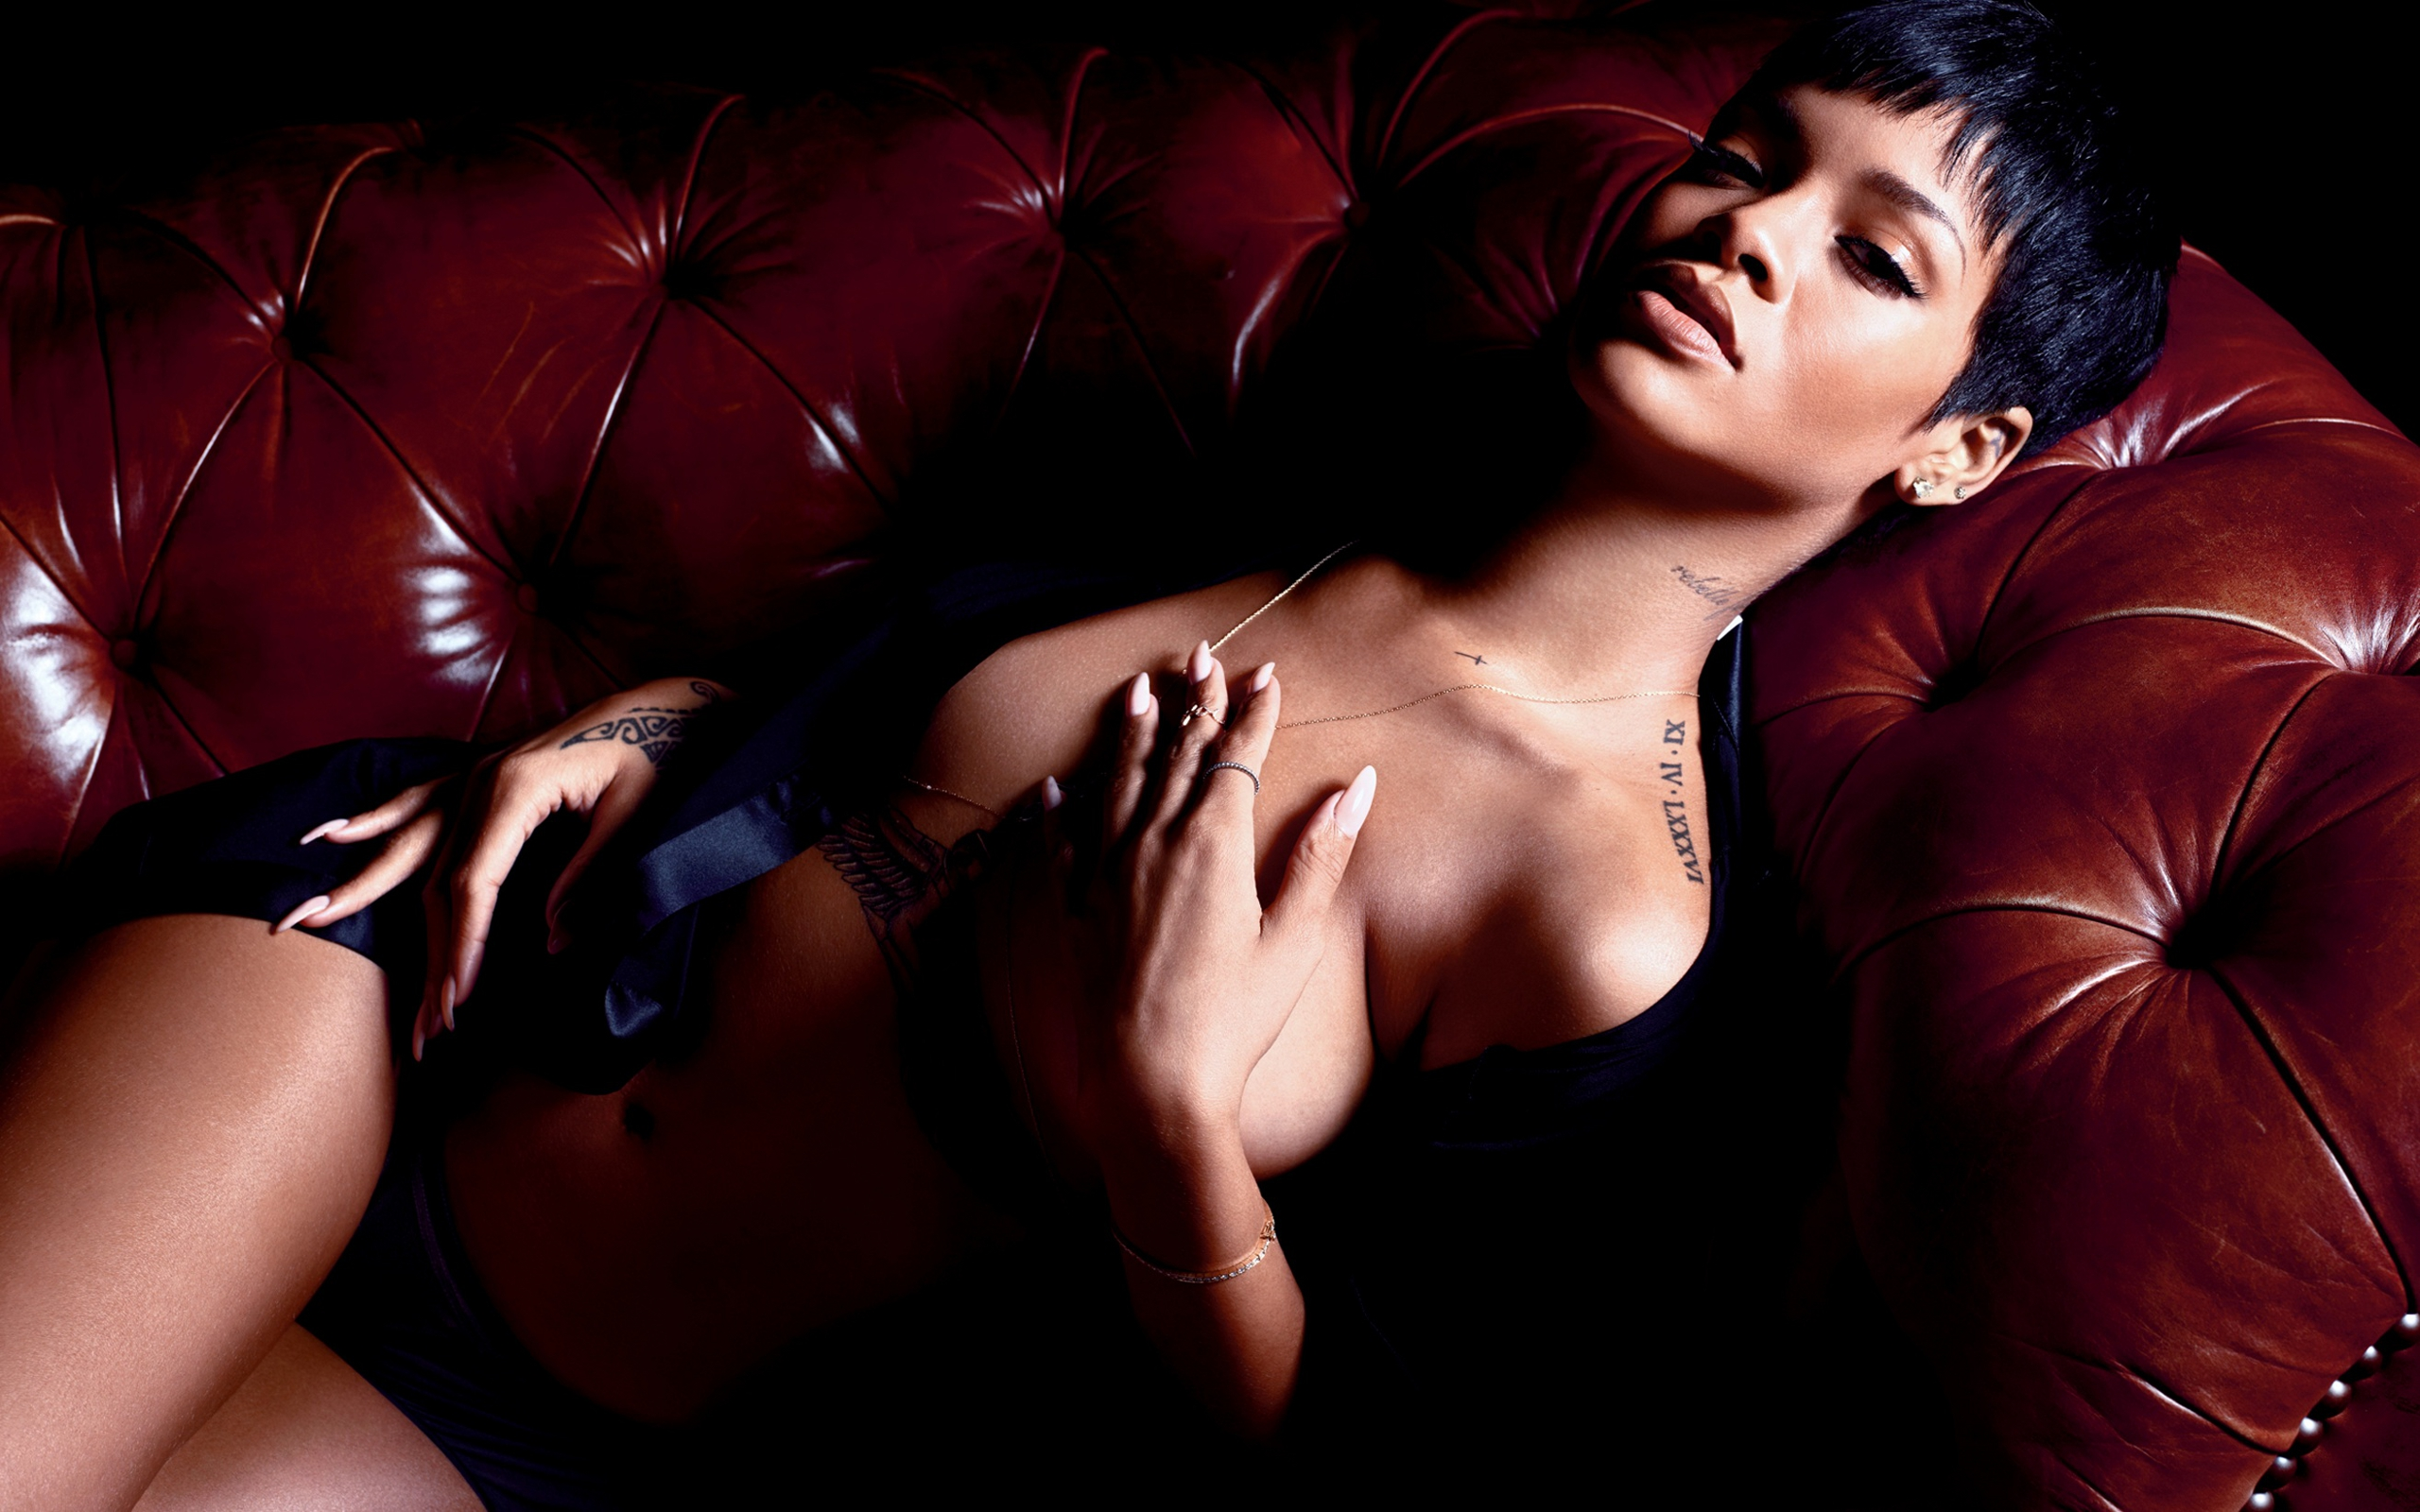 Rihanna Wallpaper Desktop For